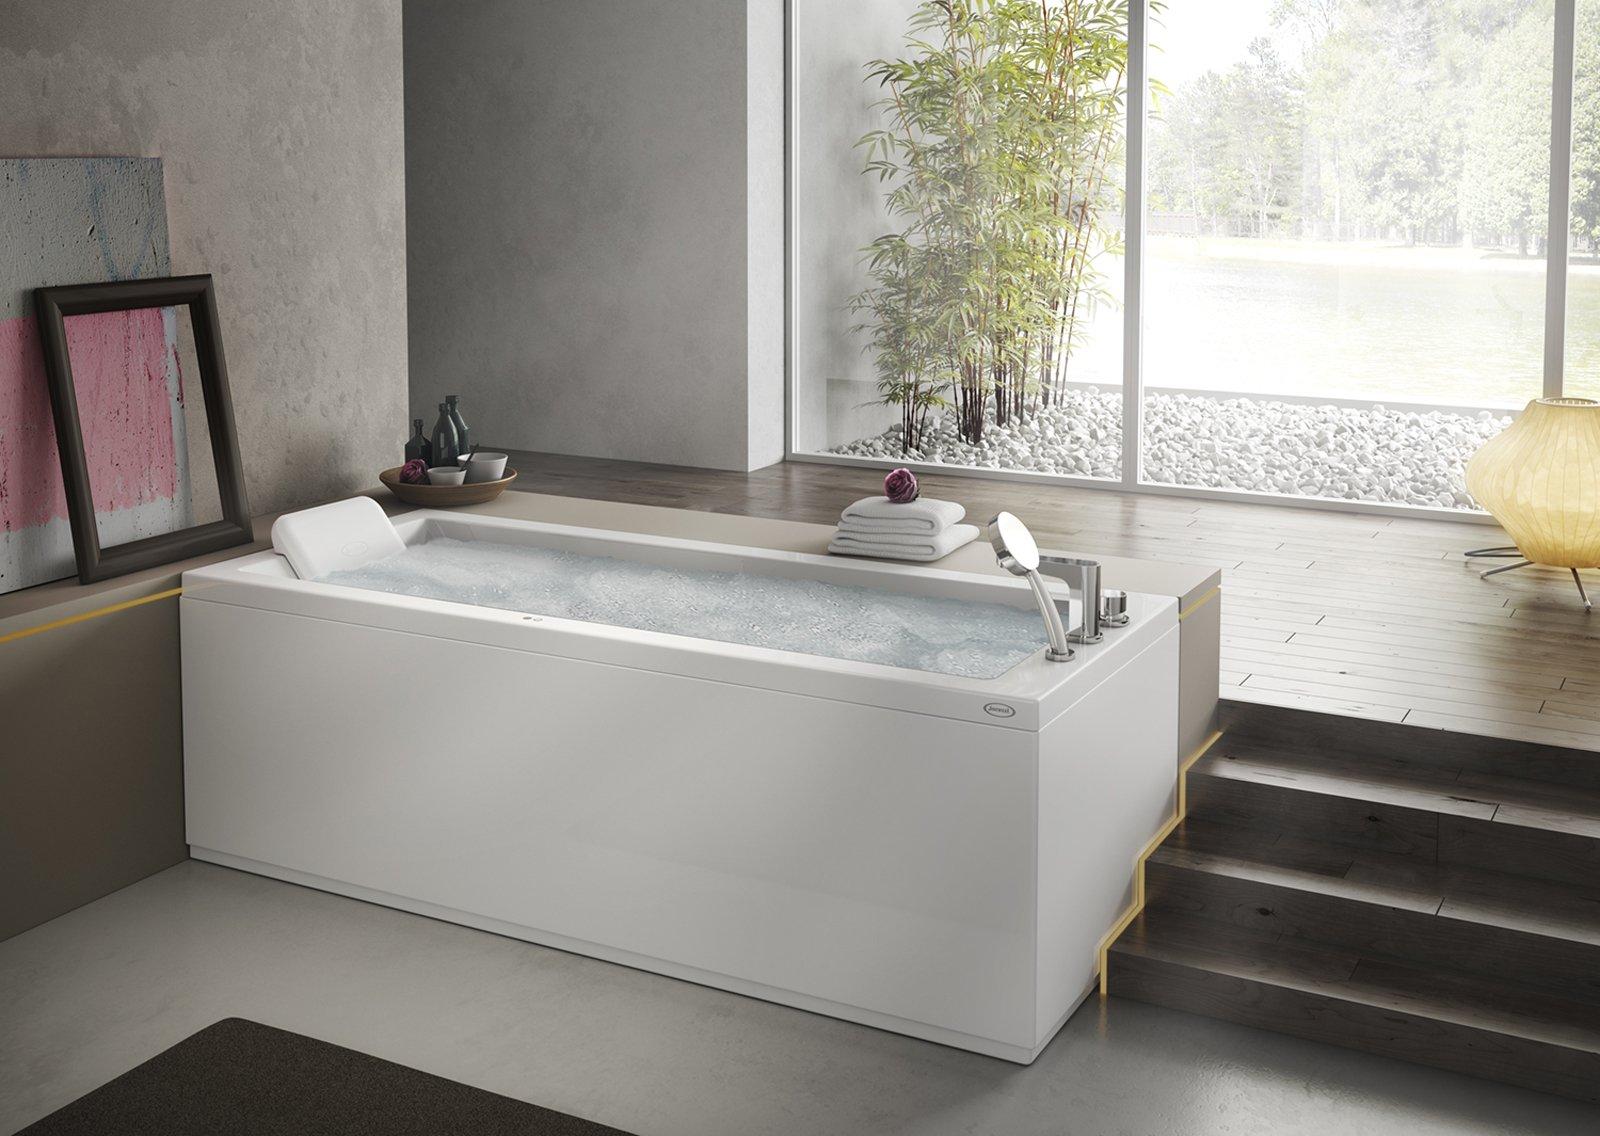 Vasche Da Bagno Semplici Prezzi : Vasche da bagno low cost a partire da euro cose di casa